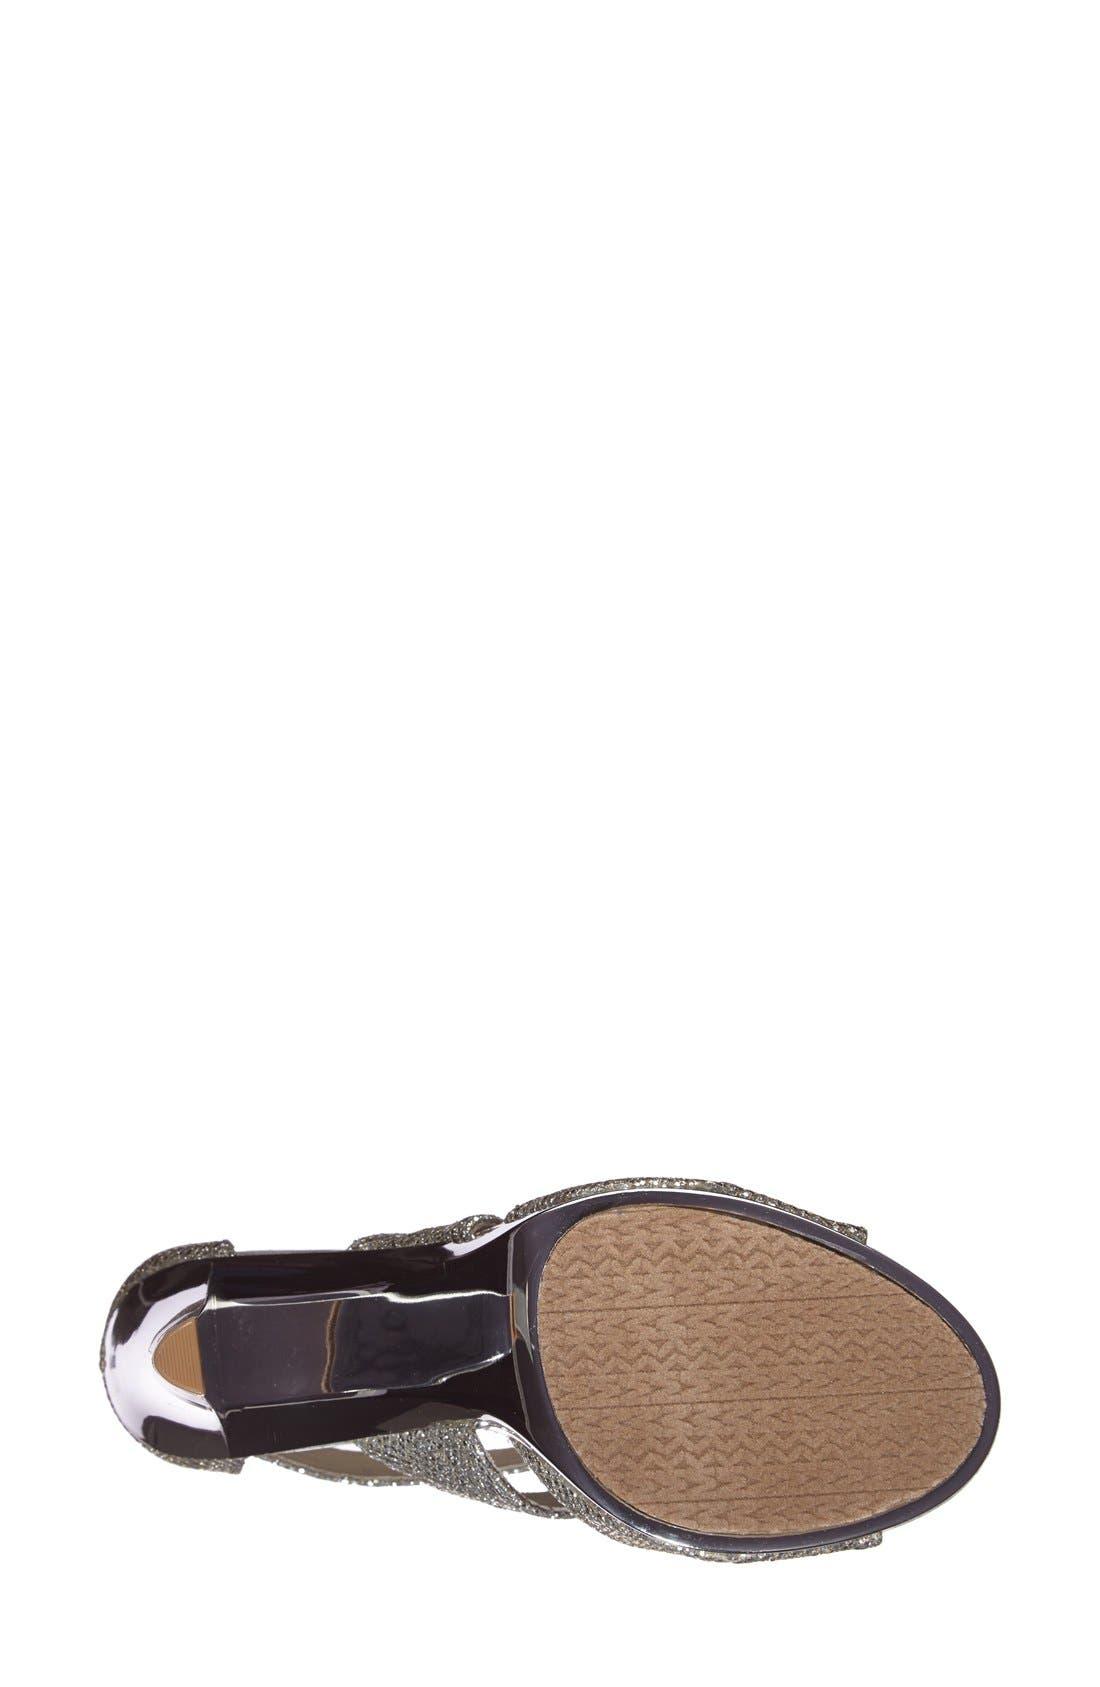 'Berkley' T-Strap Sandal,                             Alternate thumbnail 4, color,                             SILVER GLITTER